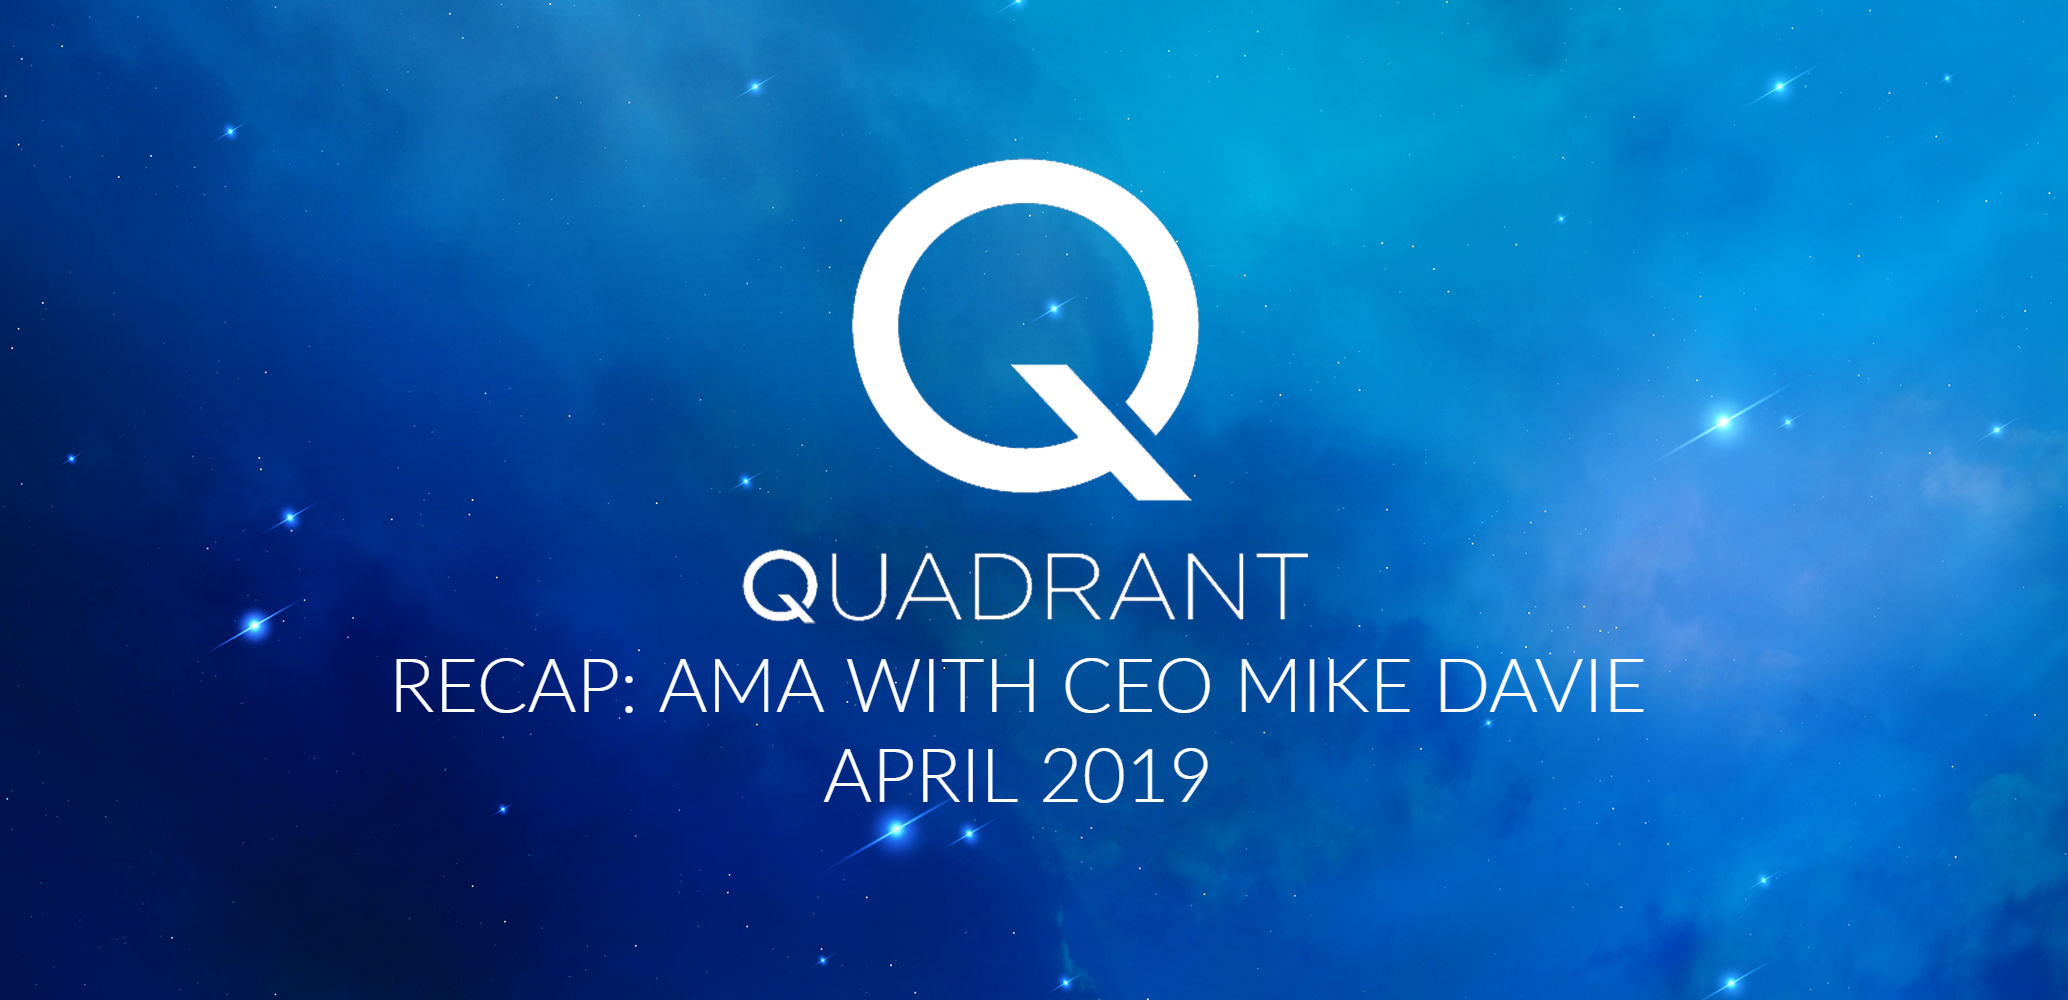 Quadrant April AMA Recap Image